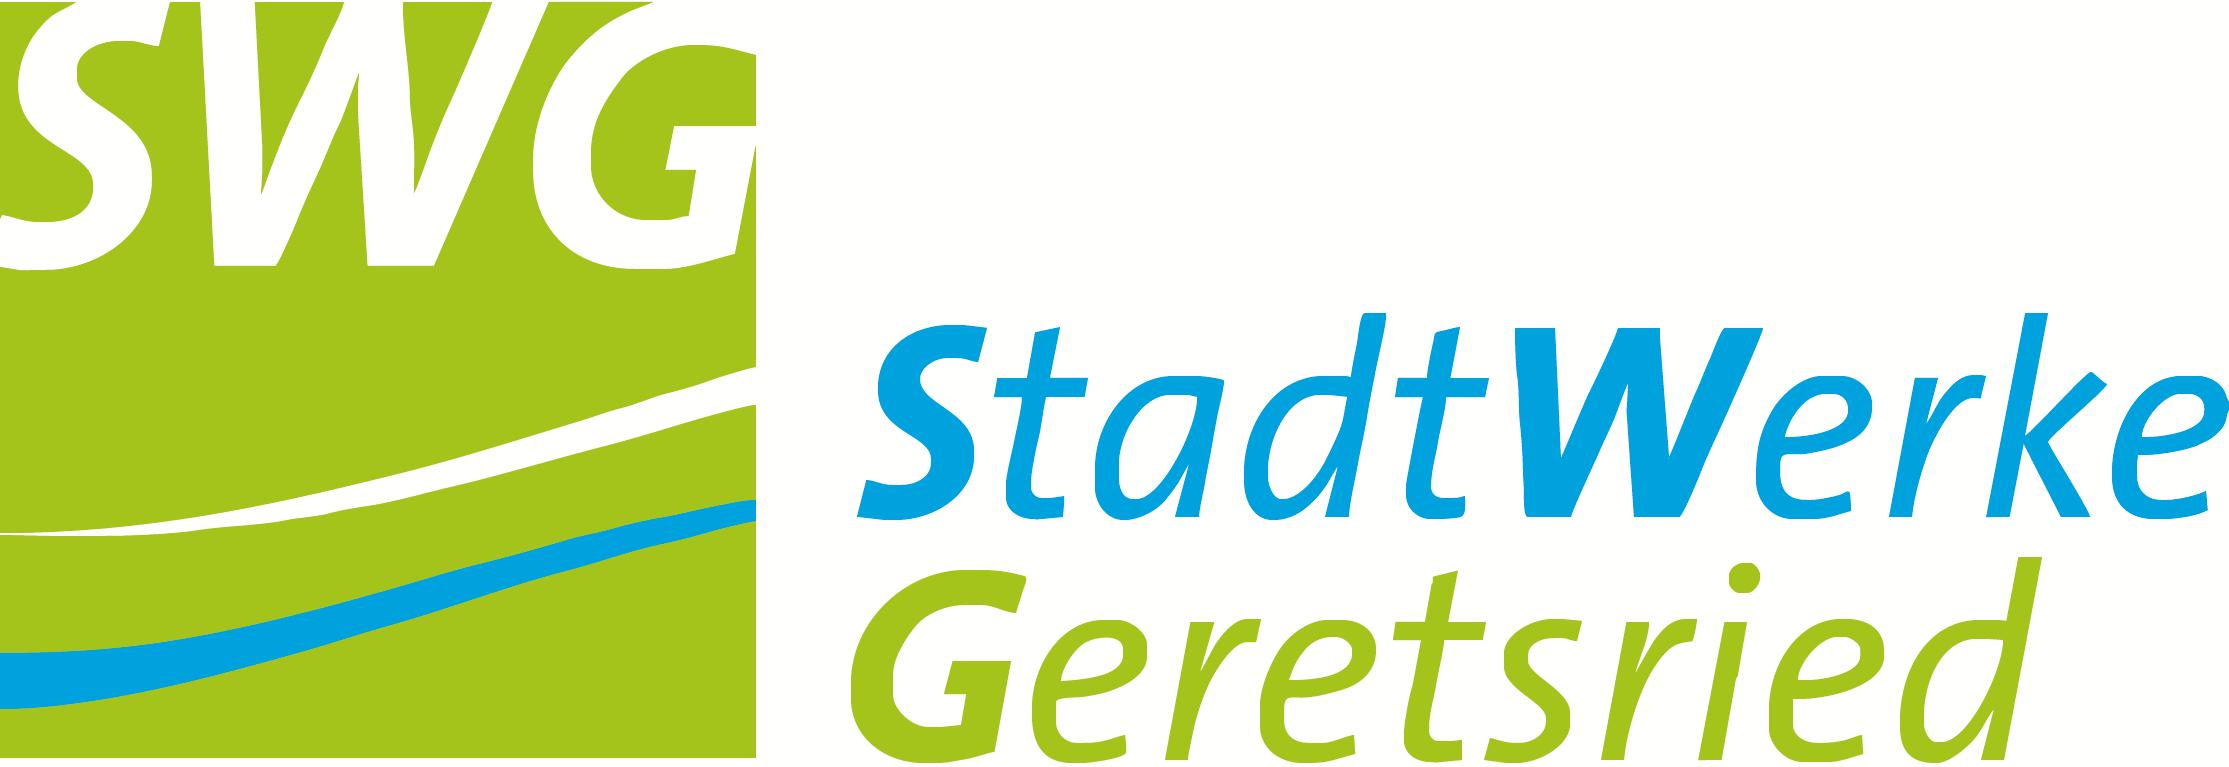 Stadtwerke Geretsried